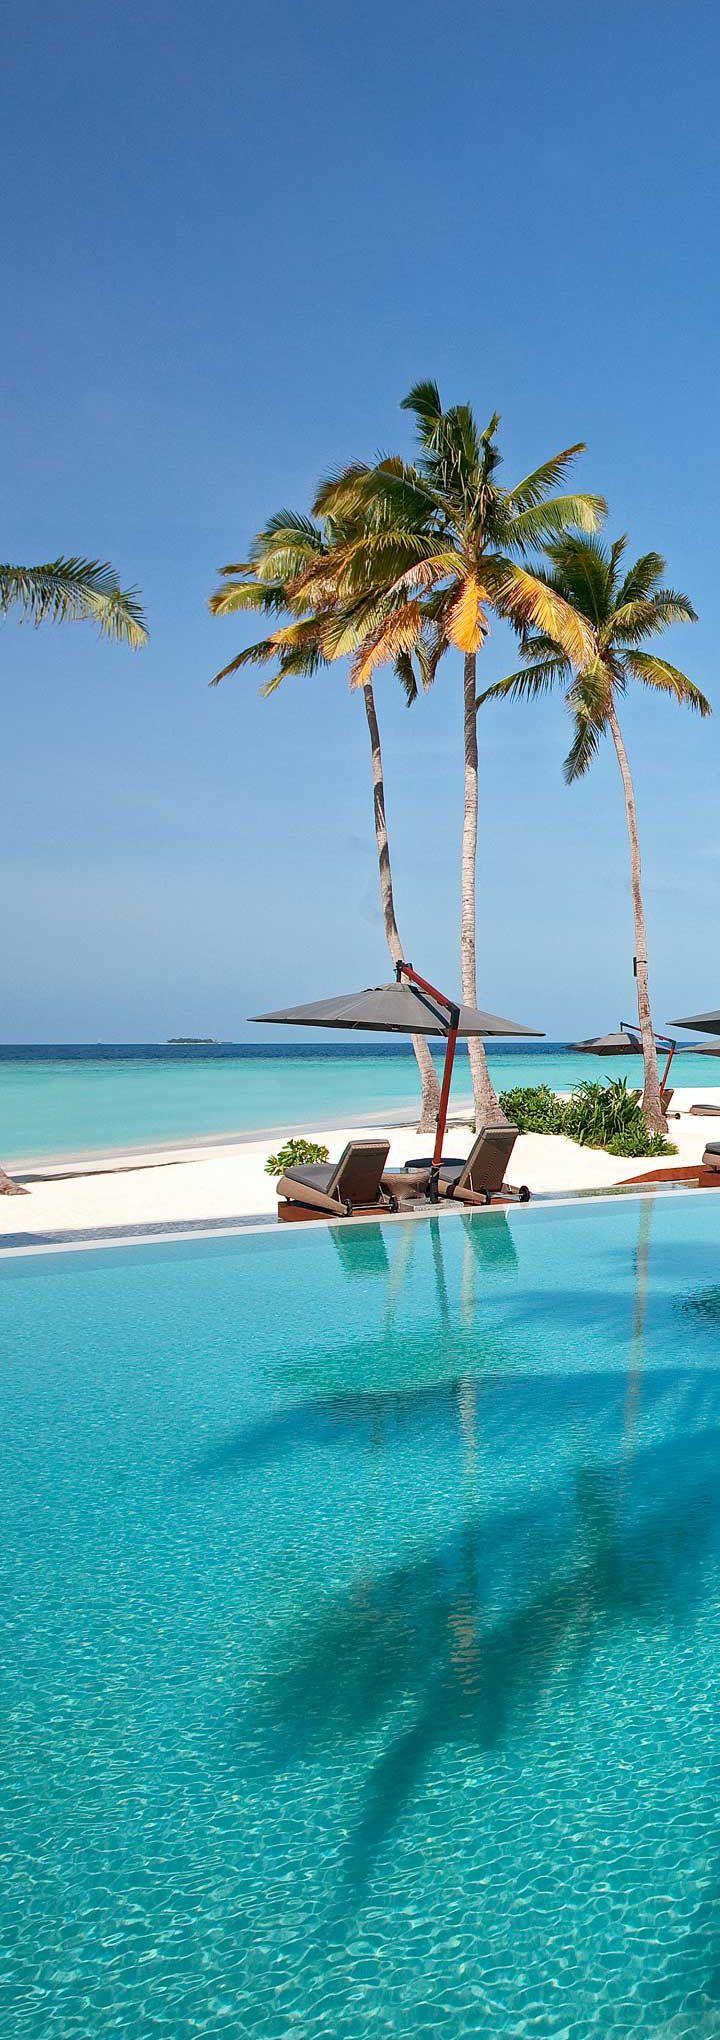 Bask in the sun: Maldives